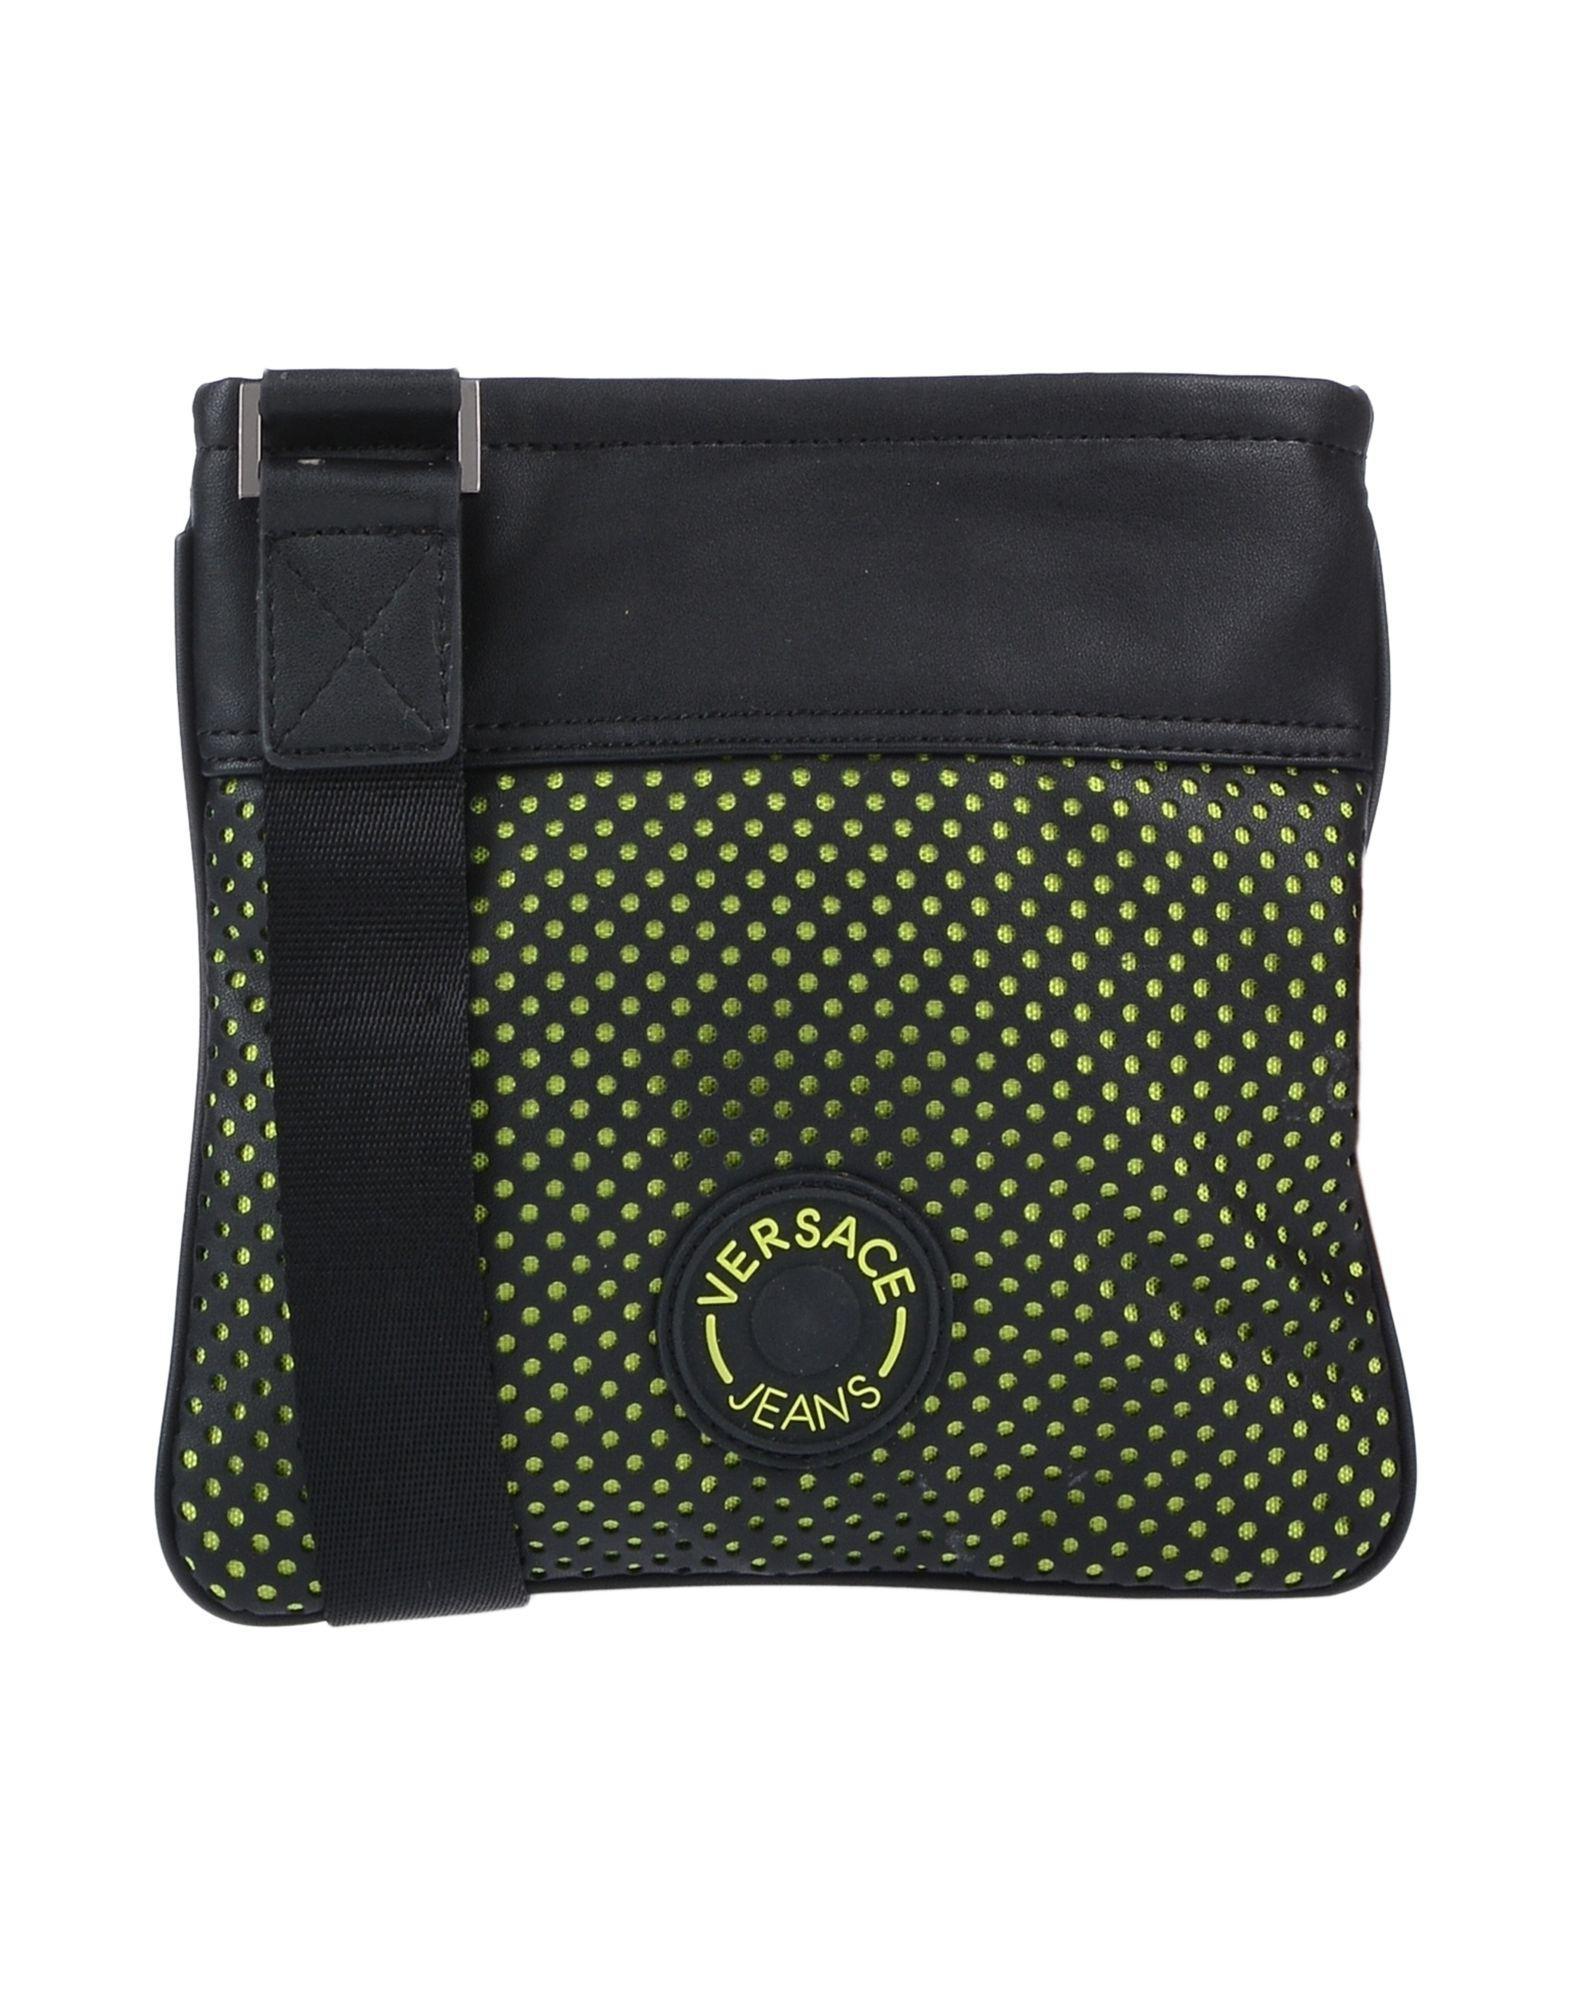 aaacf54243 Versace Jeans Cross-body Bags in Black for Men - Lyst